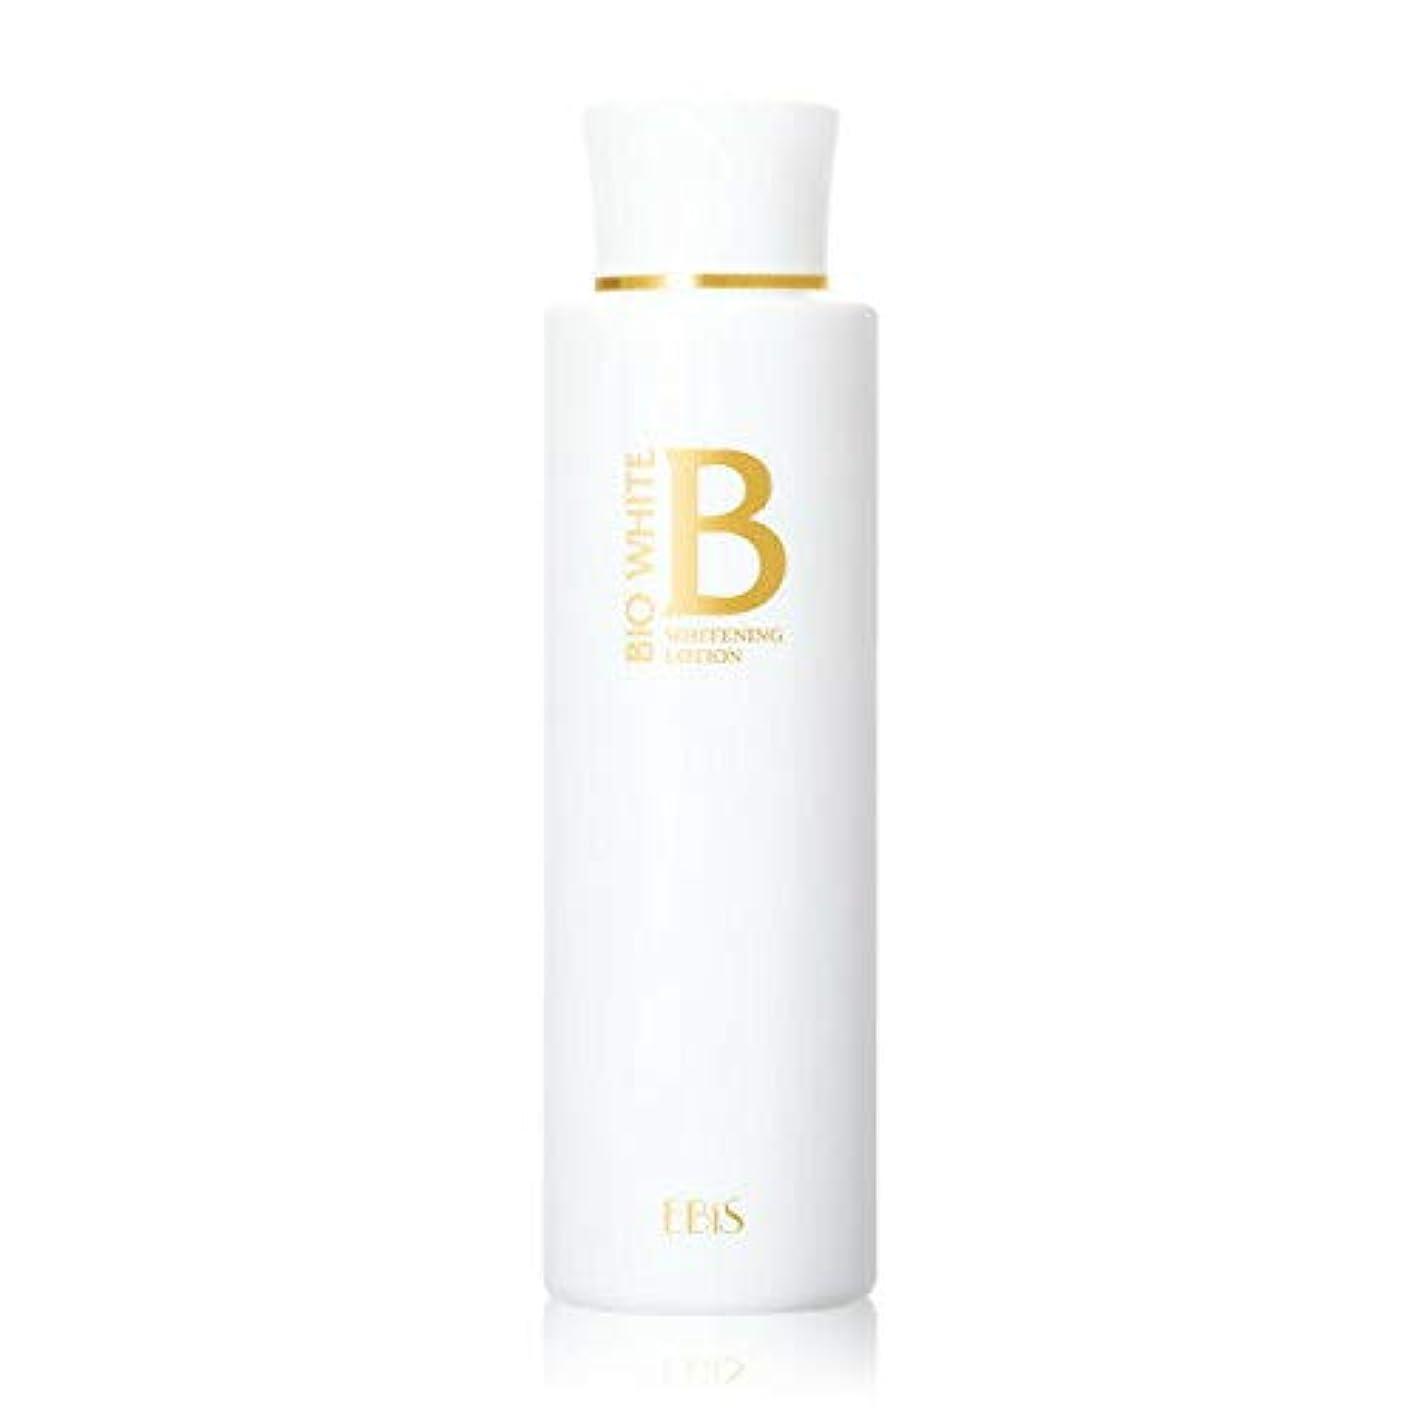 あらゆる種類の結晶ベリーエビス化粧品(EBiS) エビス ビーホワイトローション 150ml 美白化粧水 トラネキサム酸 配合 医薬部外品